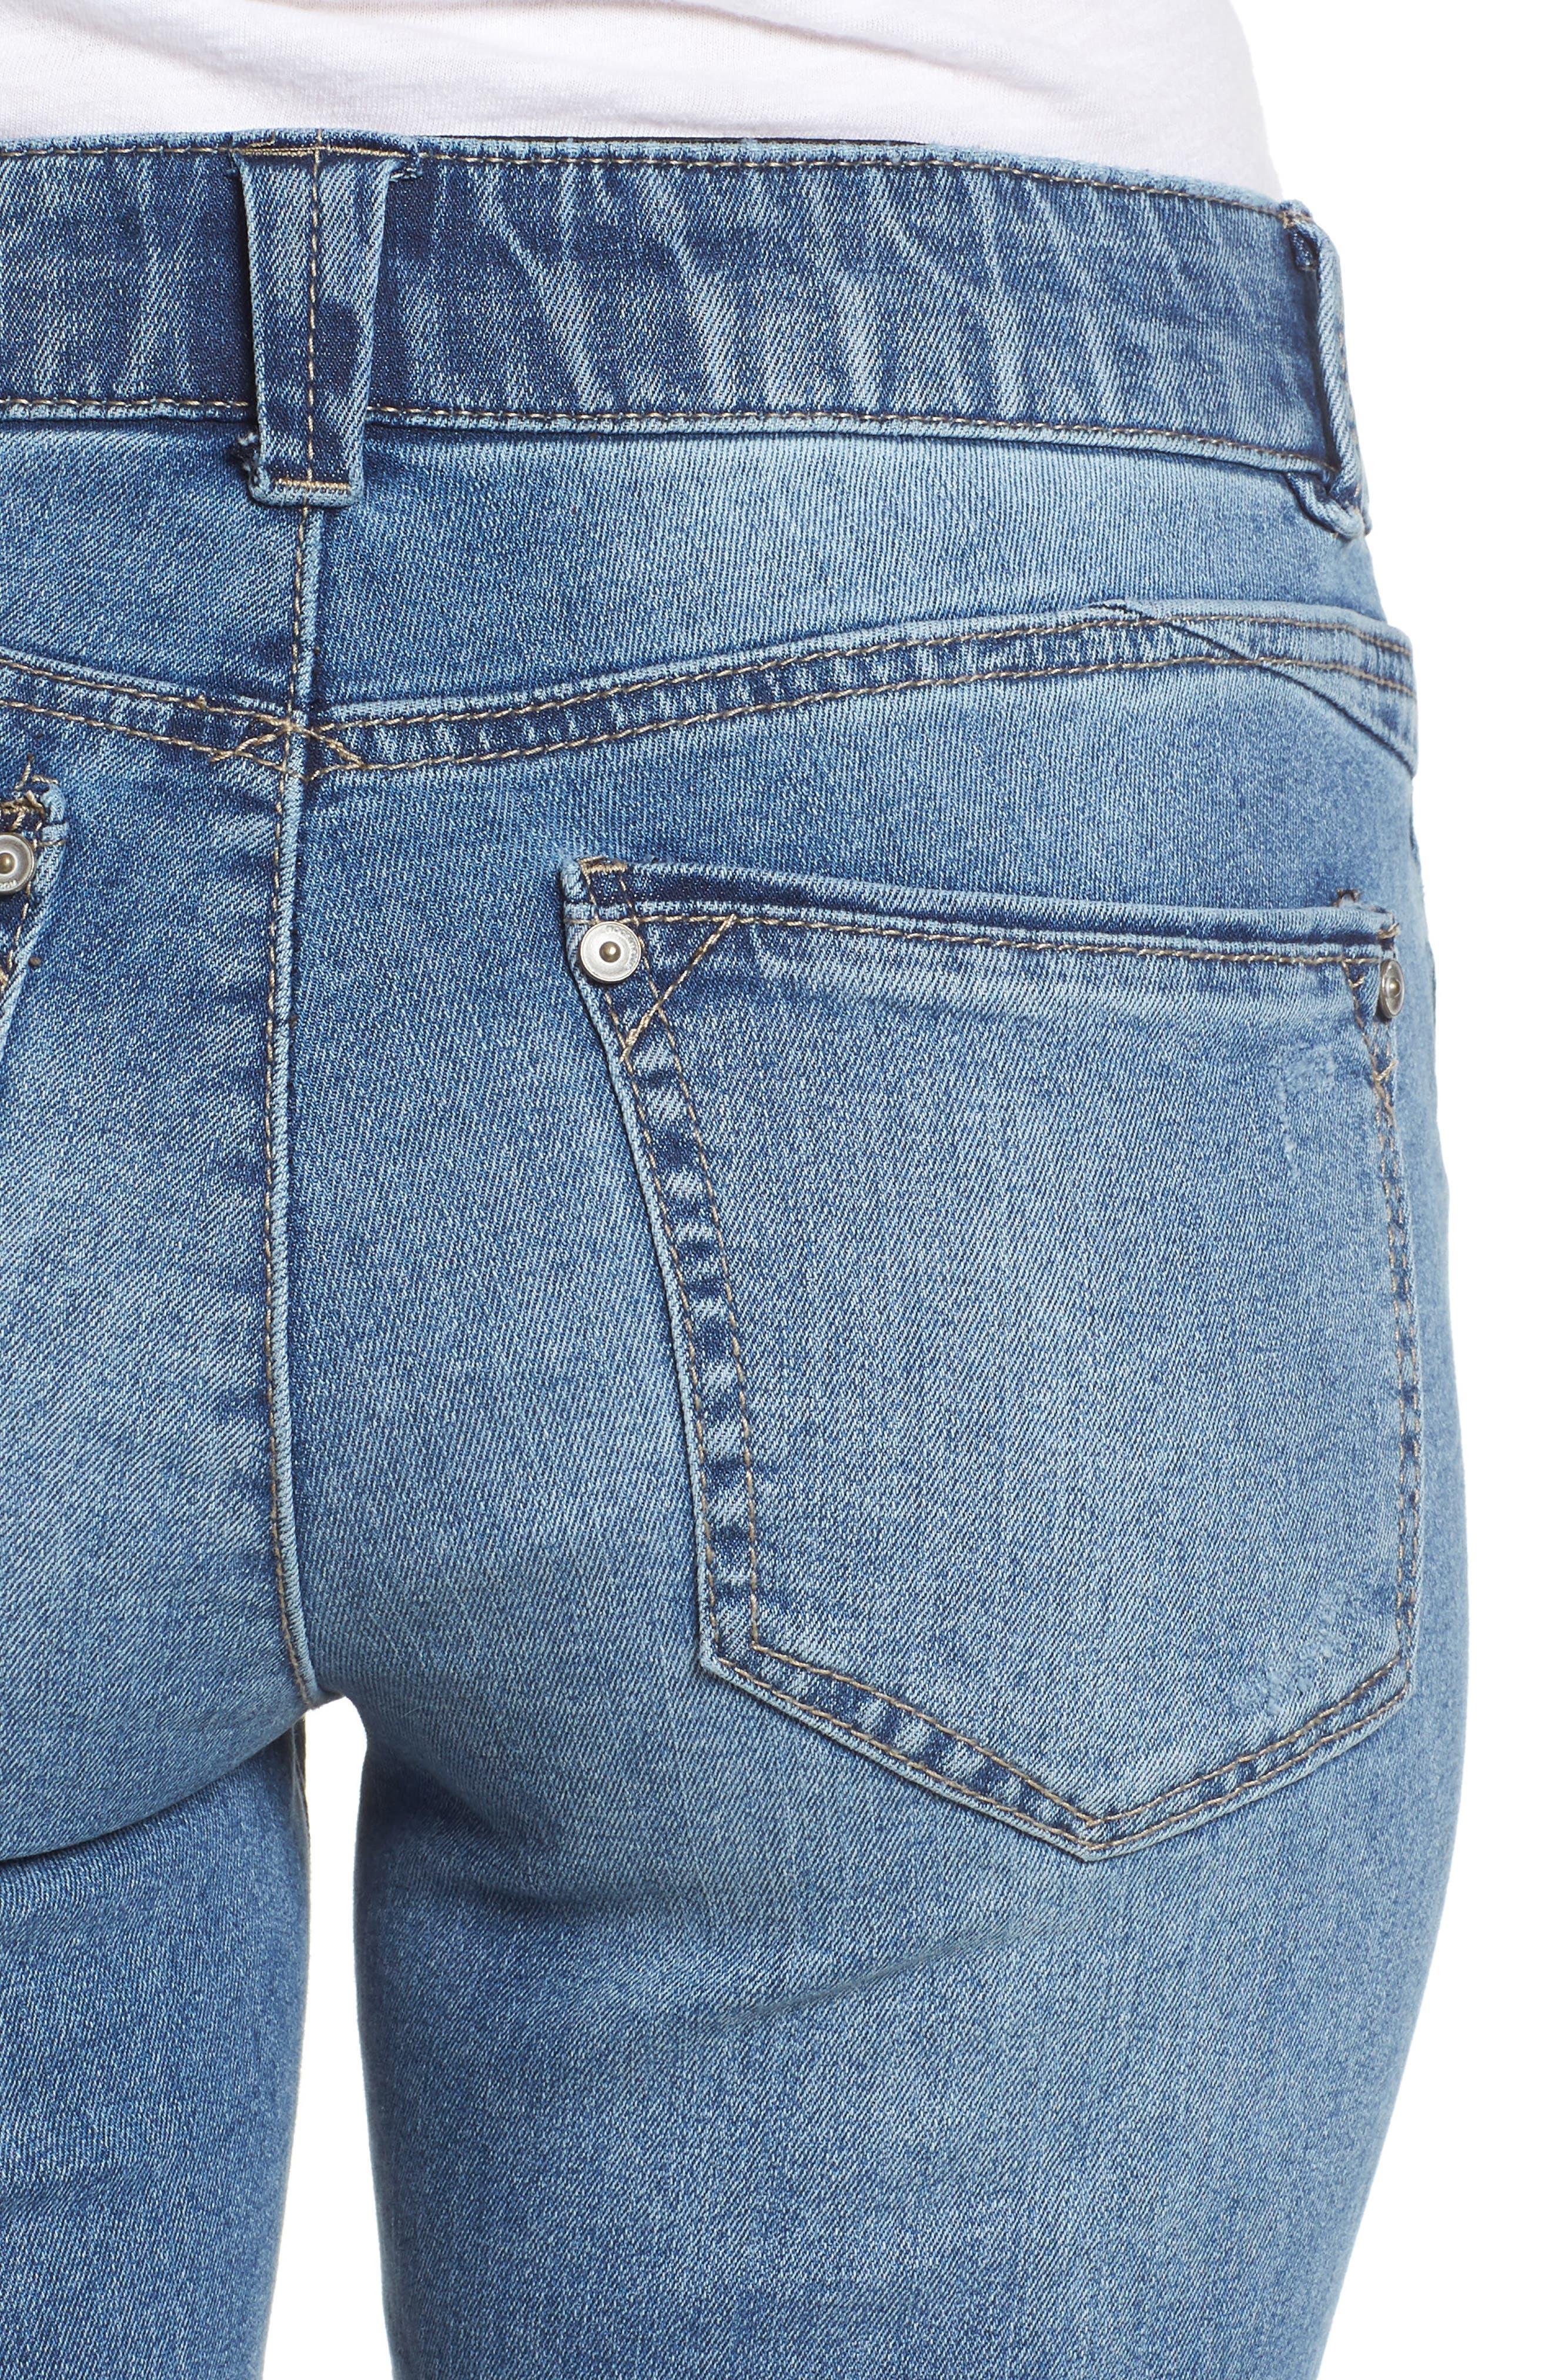 Ab-solution Ankle Skimmer Skinny Jeans Regular & Petite,                             Alternate thumbnail 6, color,                             458